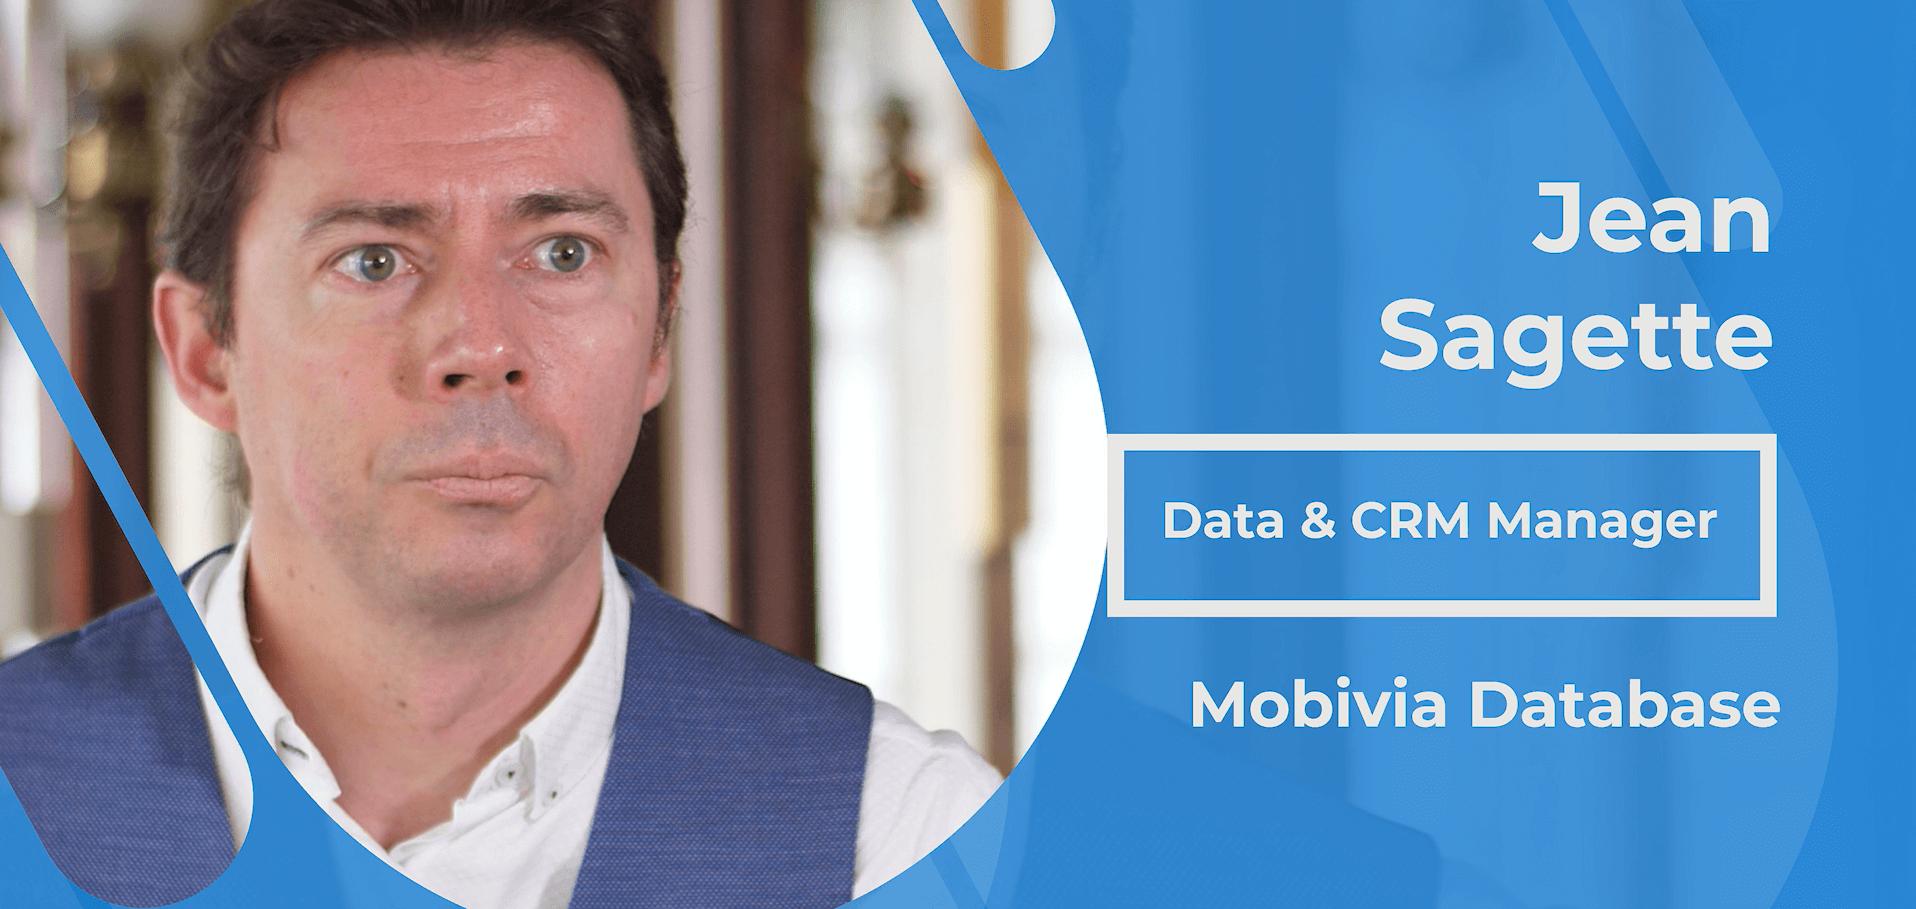 Actualités : Interview Jean Sagette - Data & CRM Manager chez Mobivia Database